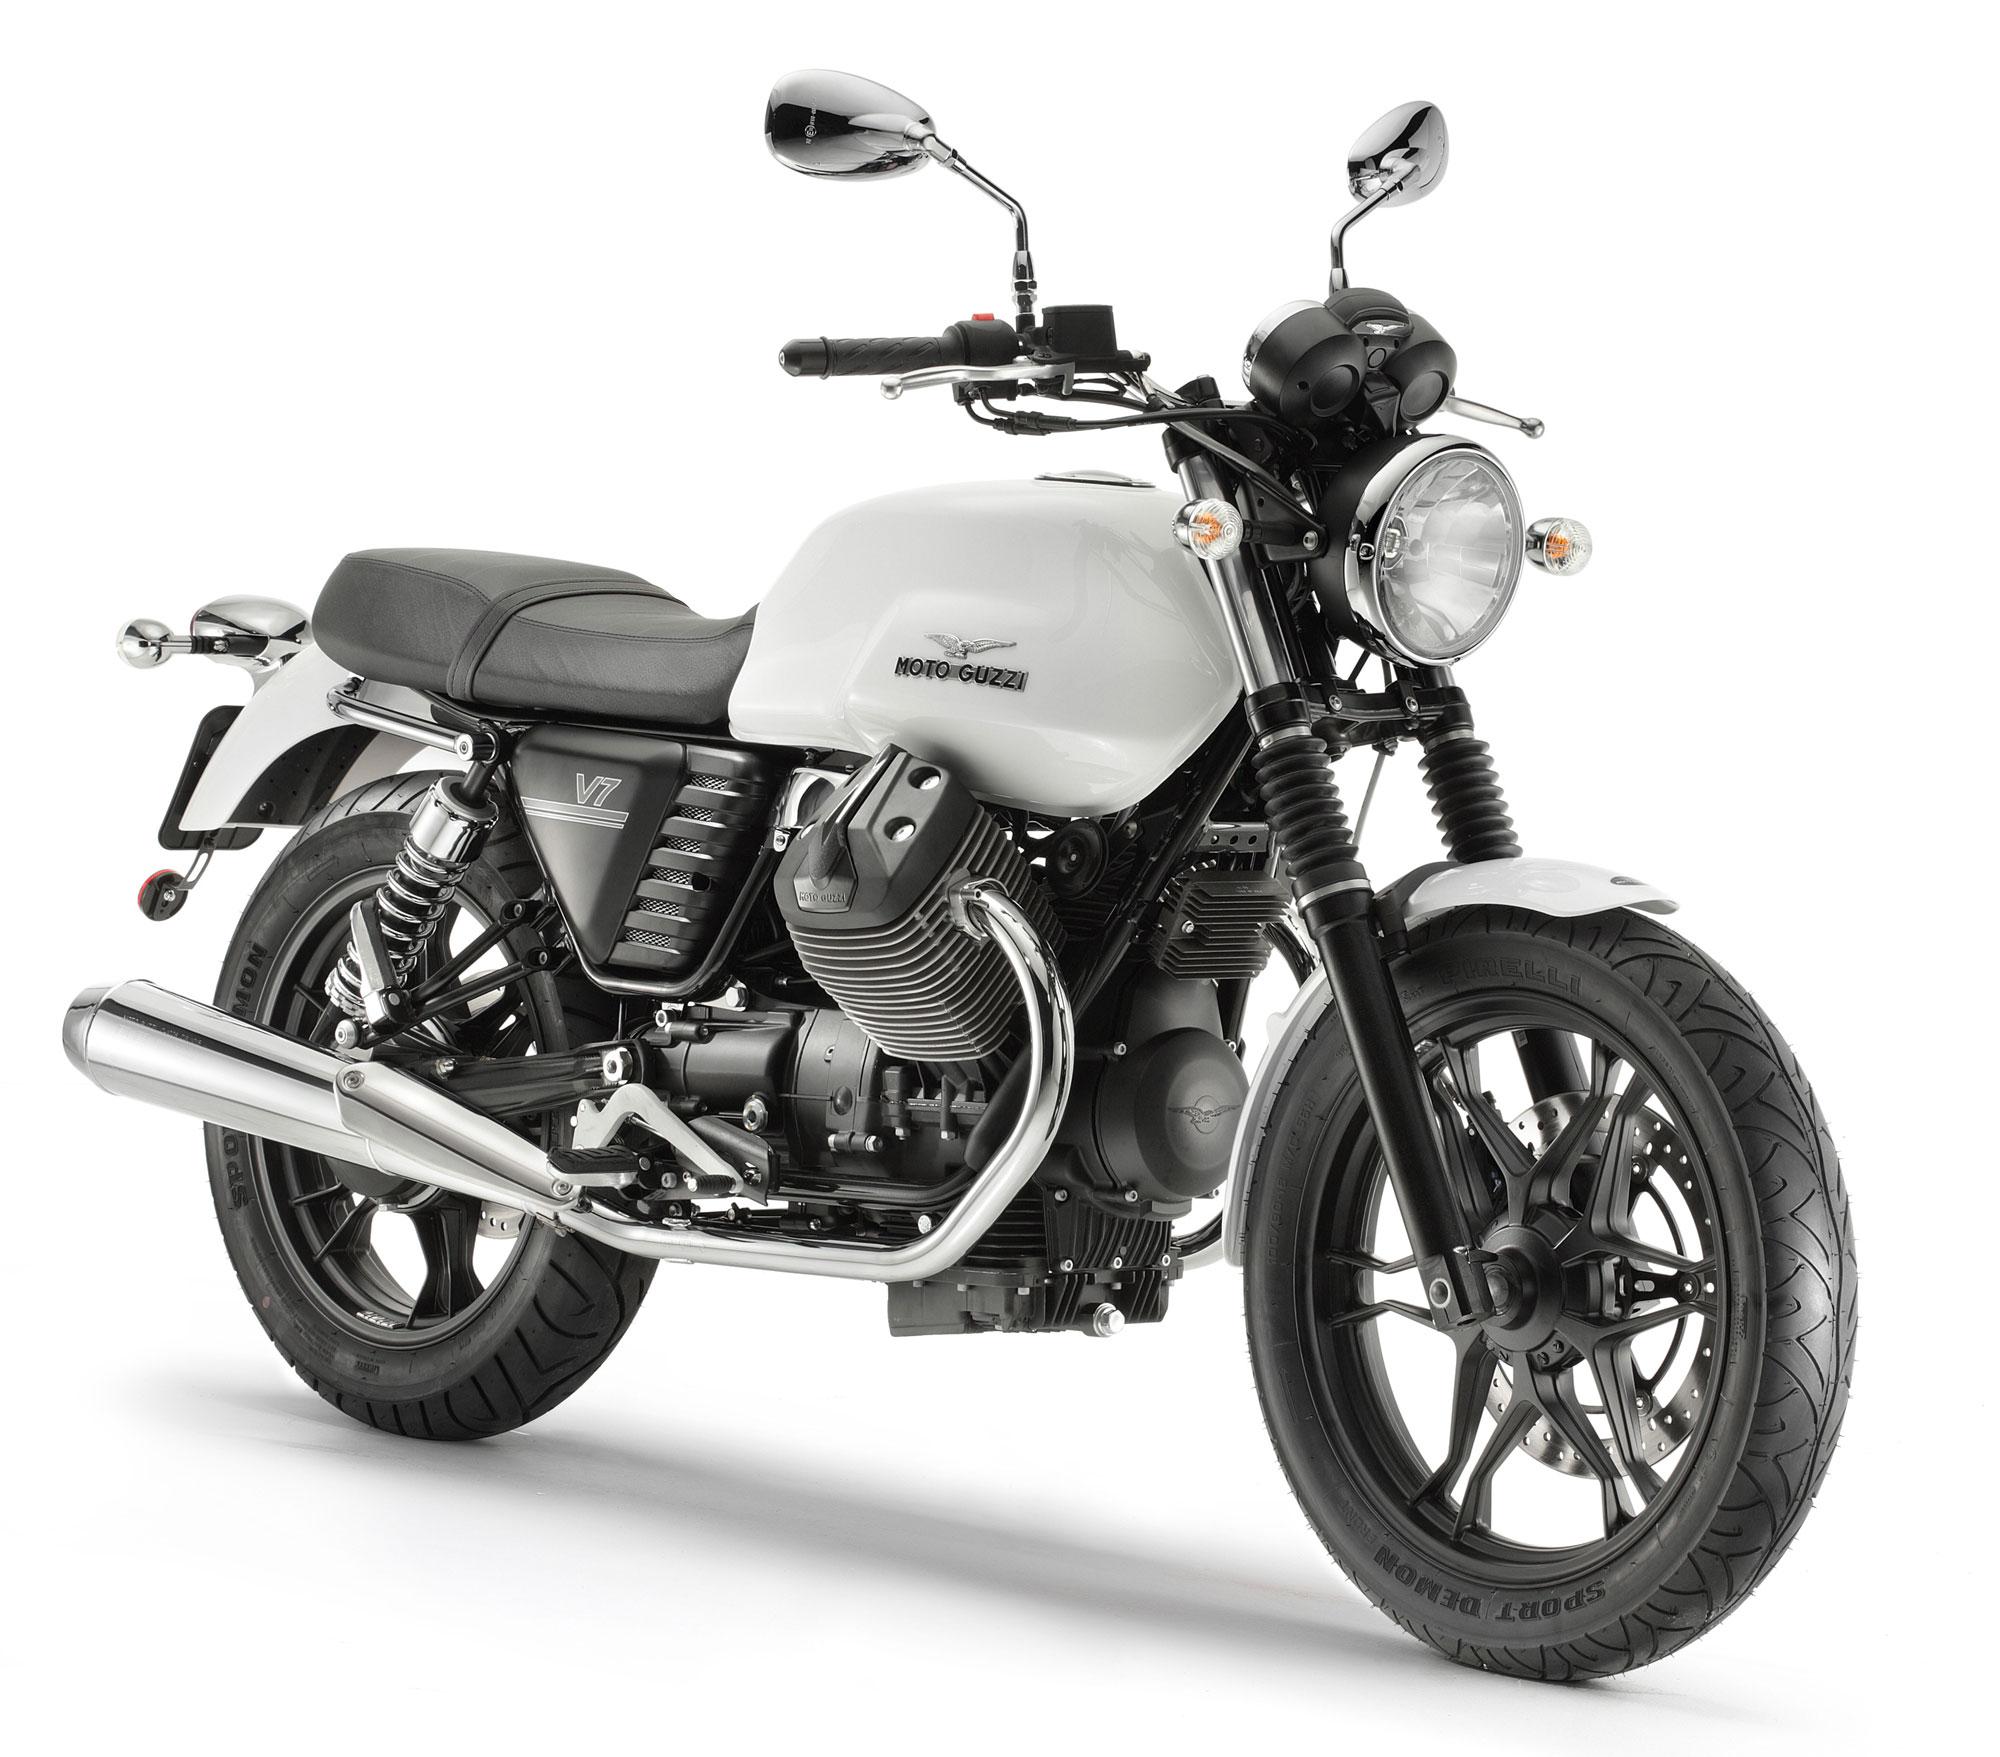 moto guzzi v7 stone specs - 2012, 2013 - autoevolution